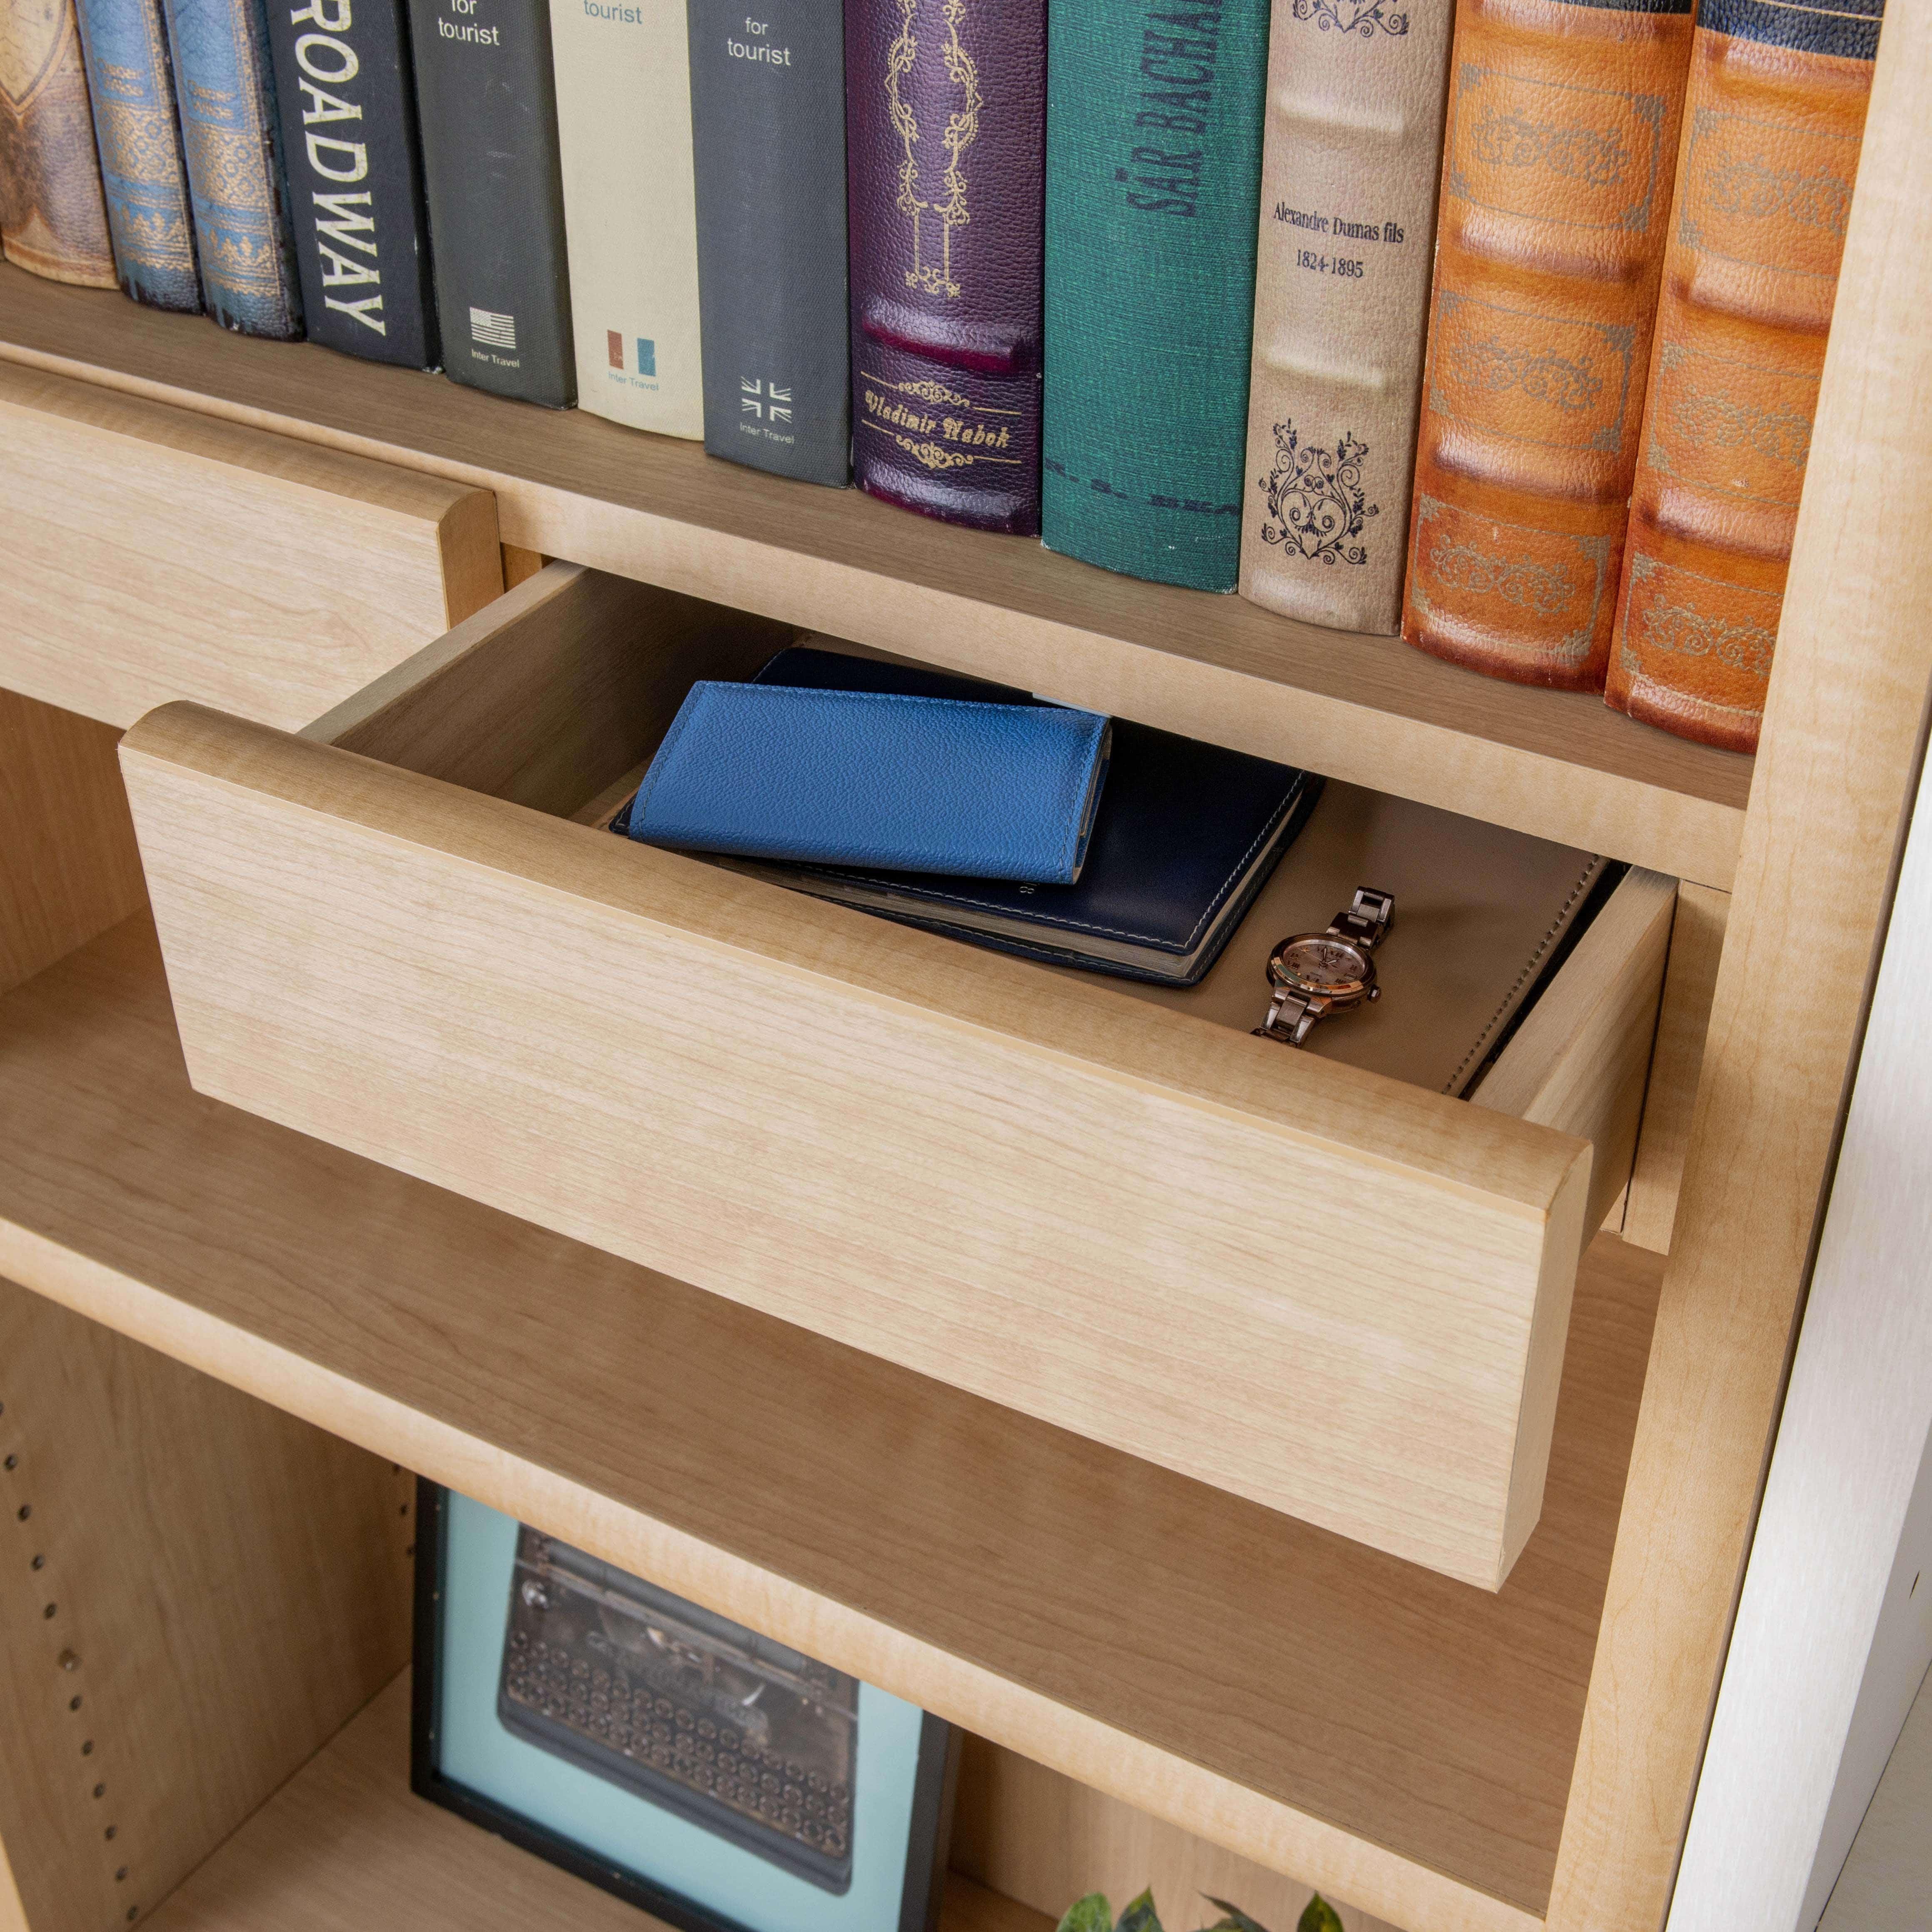 小島工芸 書棚 アコード50H(ウォールモカ):収納の幅を広げるオプション引き出し